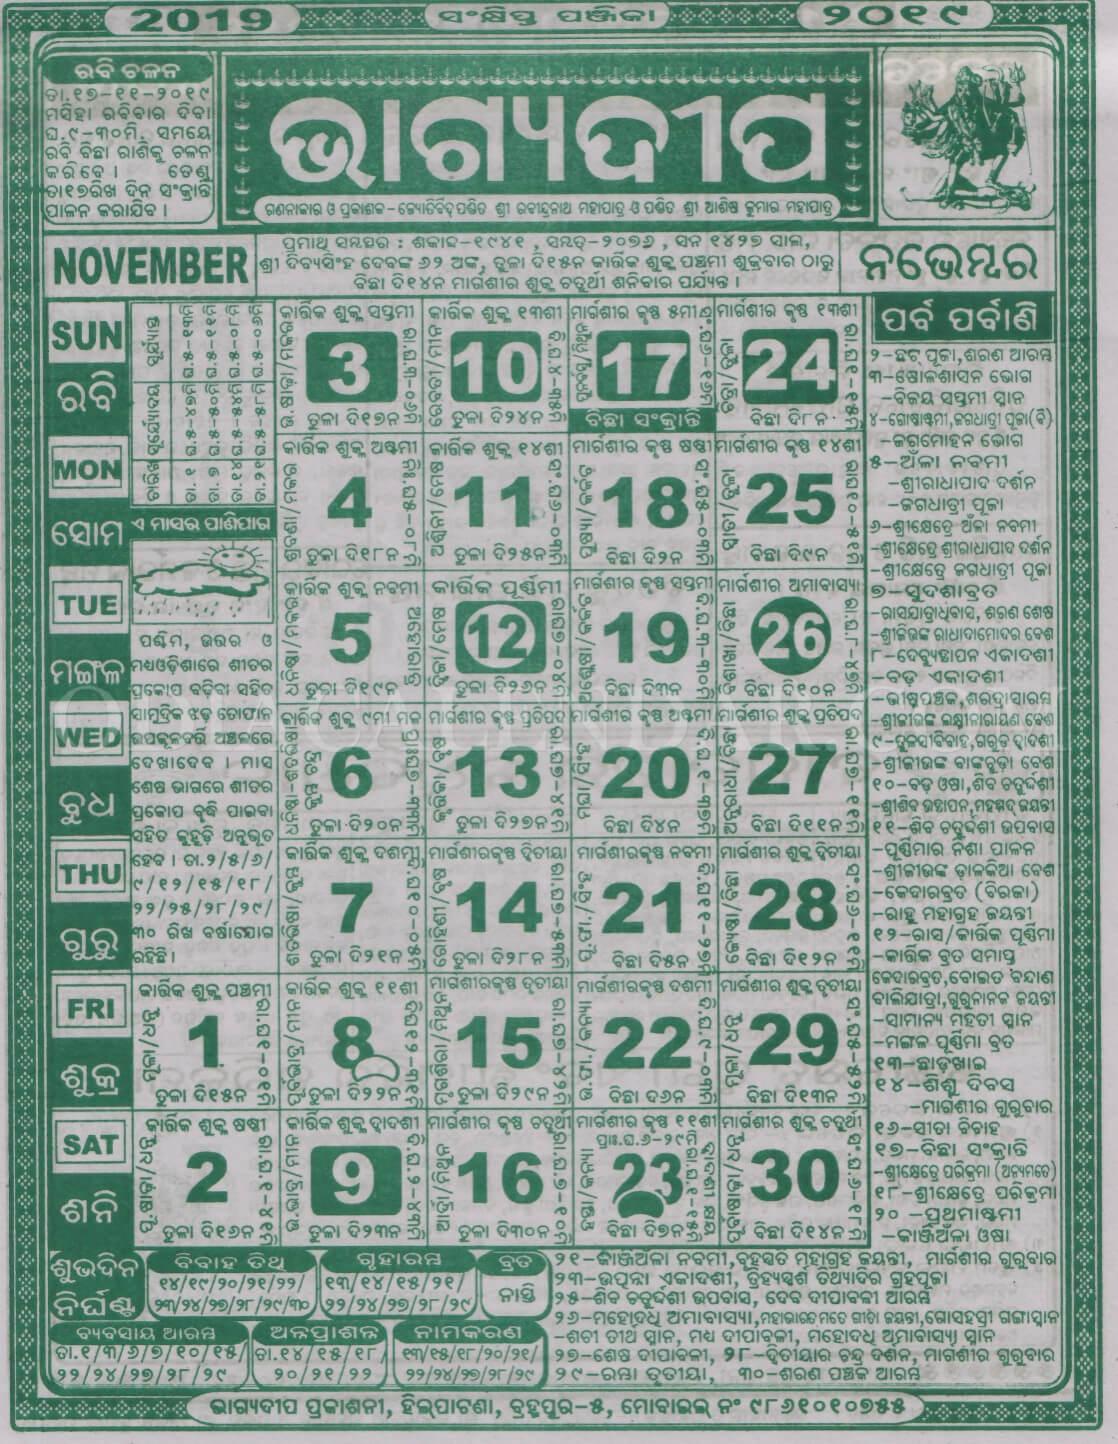 Bhagyadeep Odia Calendar November 2018 | Bhagyadeep Odia pertaining to Odia Calendar Bhagyadeep